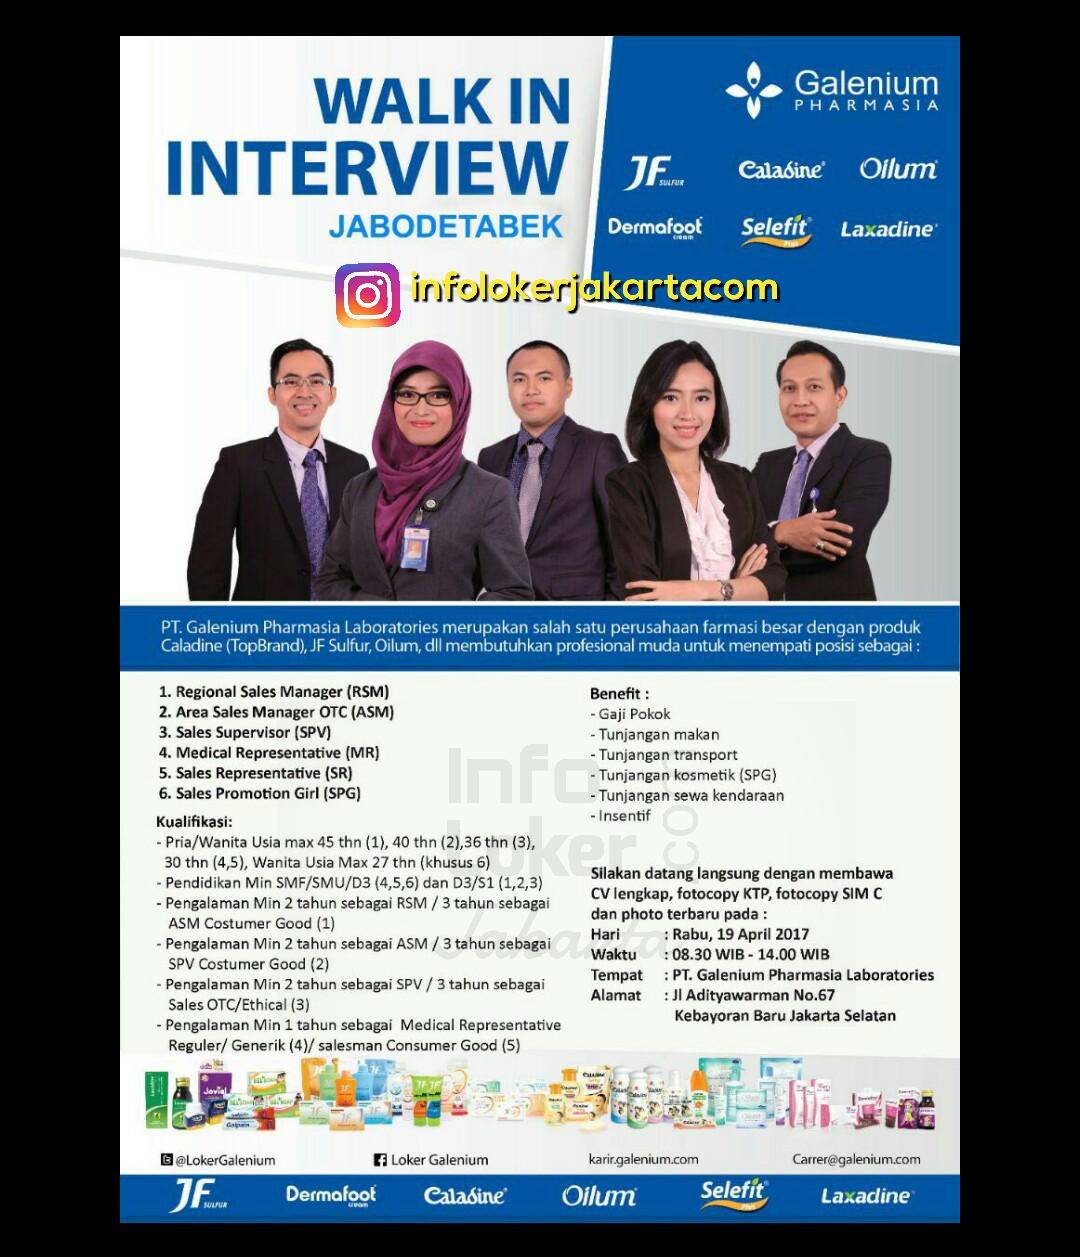 Lowongan Kerja PT. Galenium Pharmasia April 2017